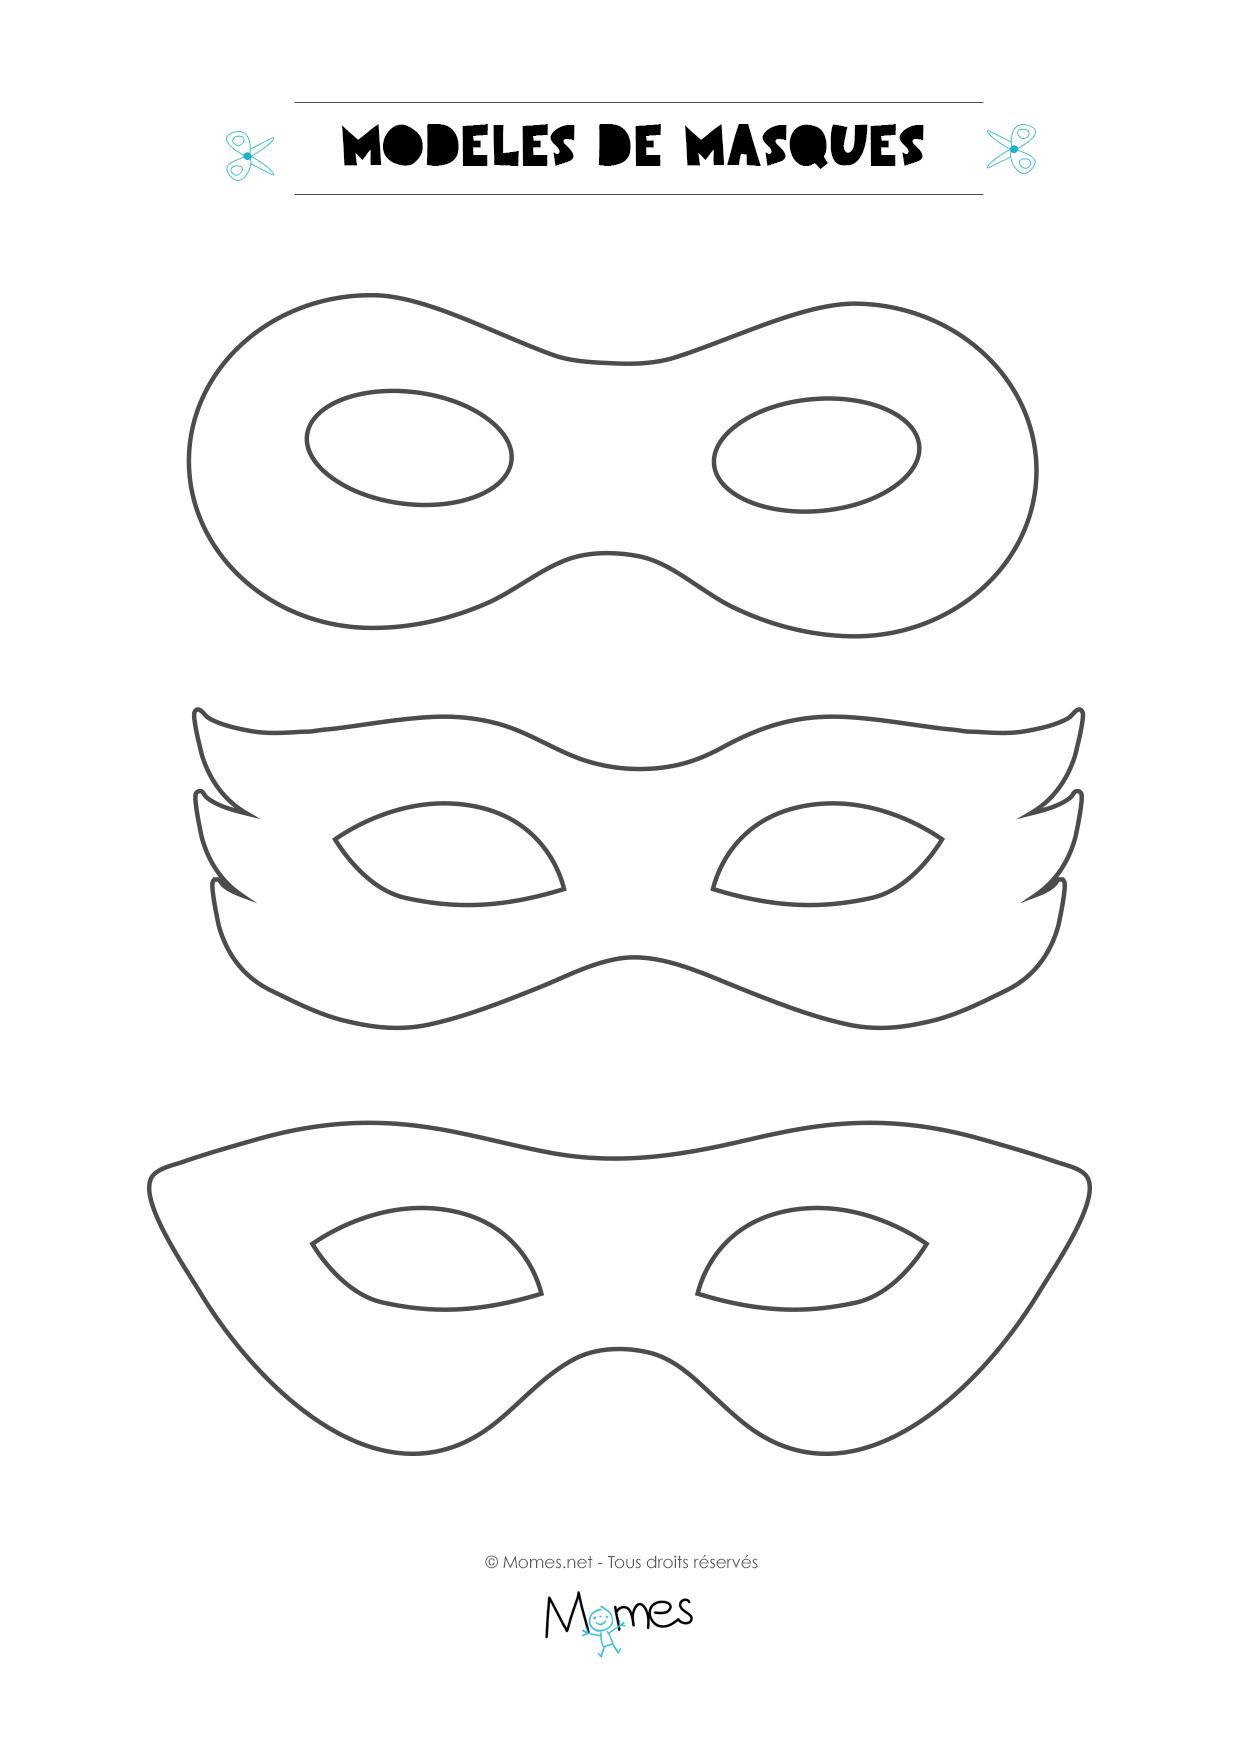 6 Modèles De Masques Pour Le Carnaval - Momes serapportantà Coloriage De Carnaval A Imprimer Gratuit